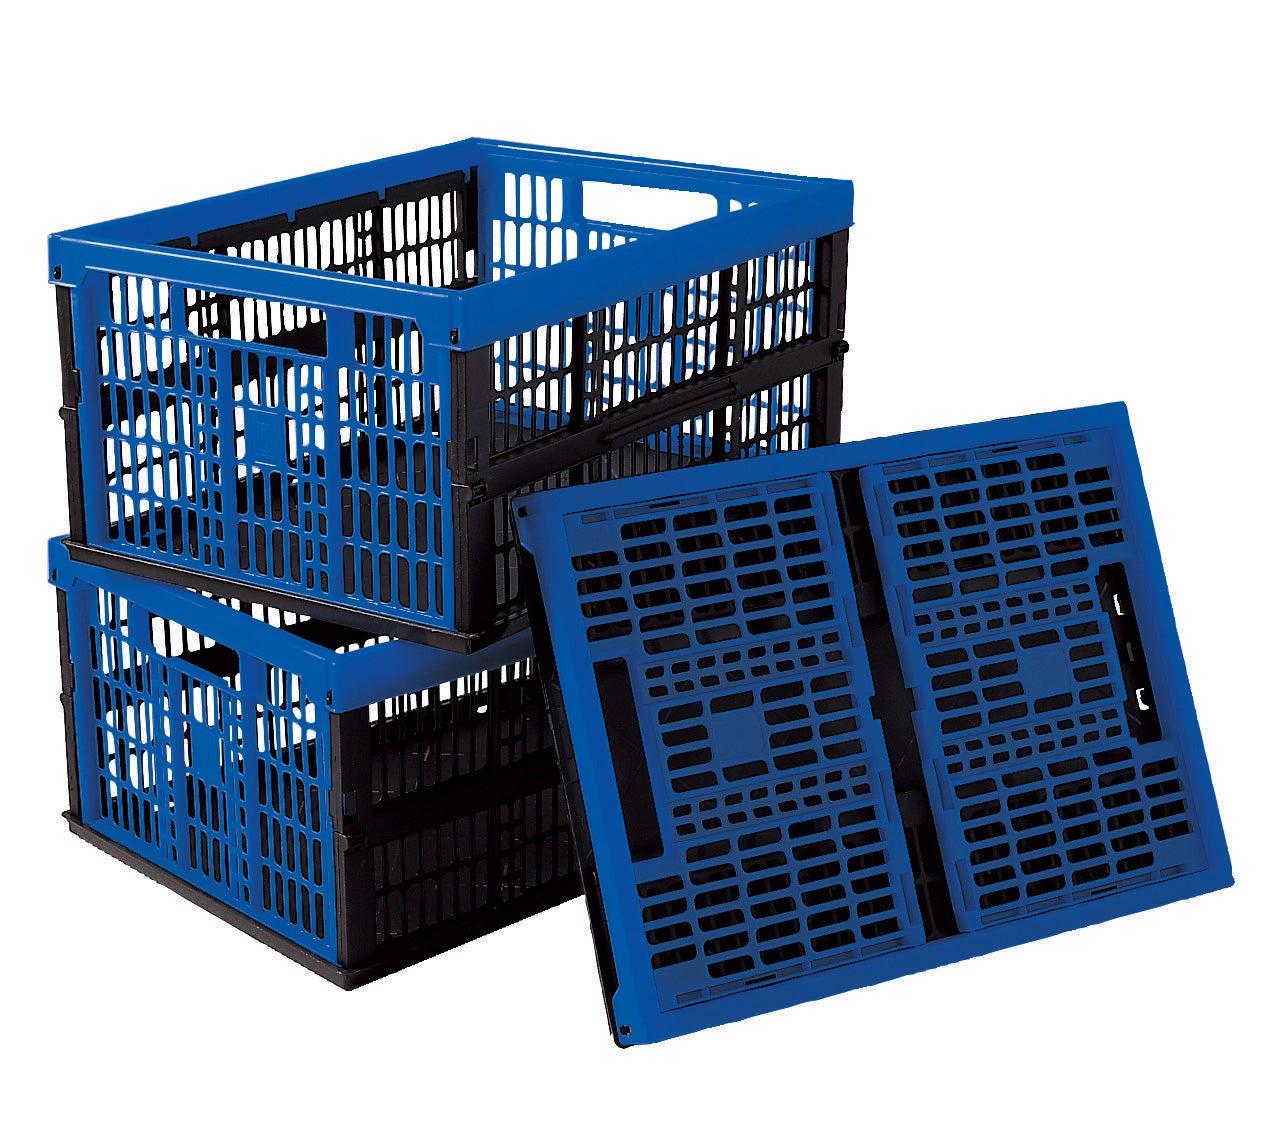 Annkky Caisse en Plastique Pliable Pack de 2 Caisse Pliante